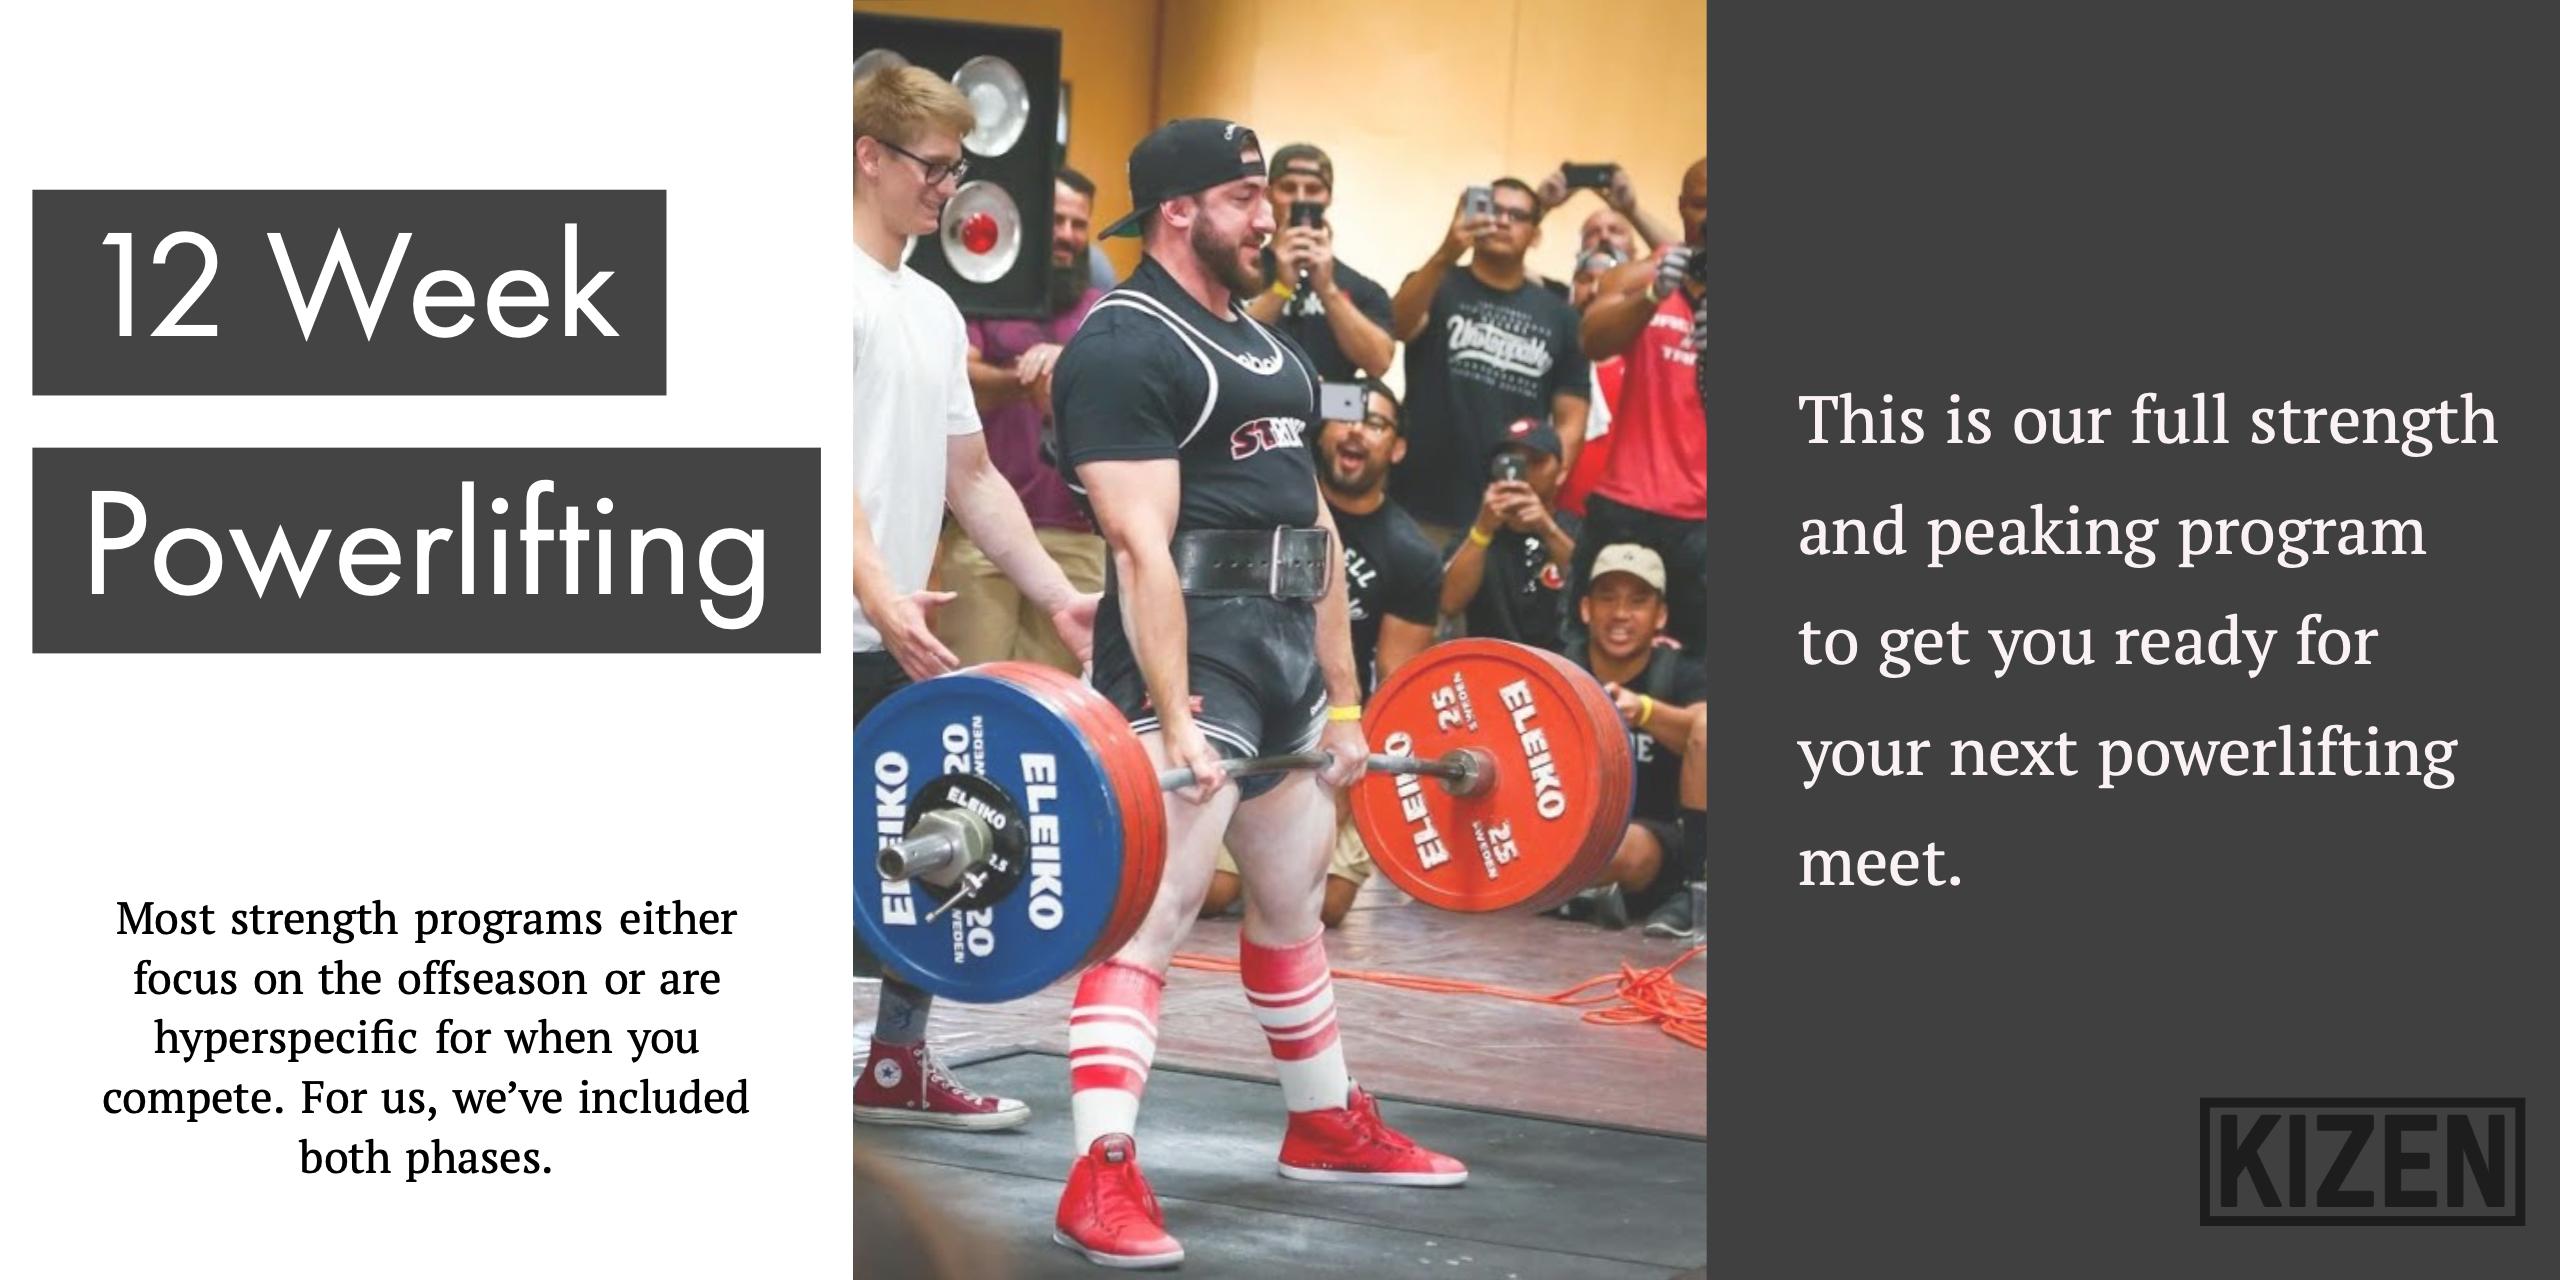 Powerlifting Program | Kizen Training